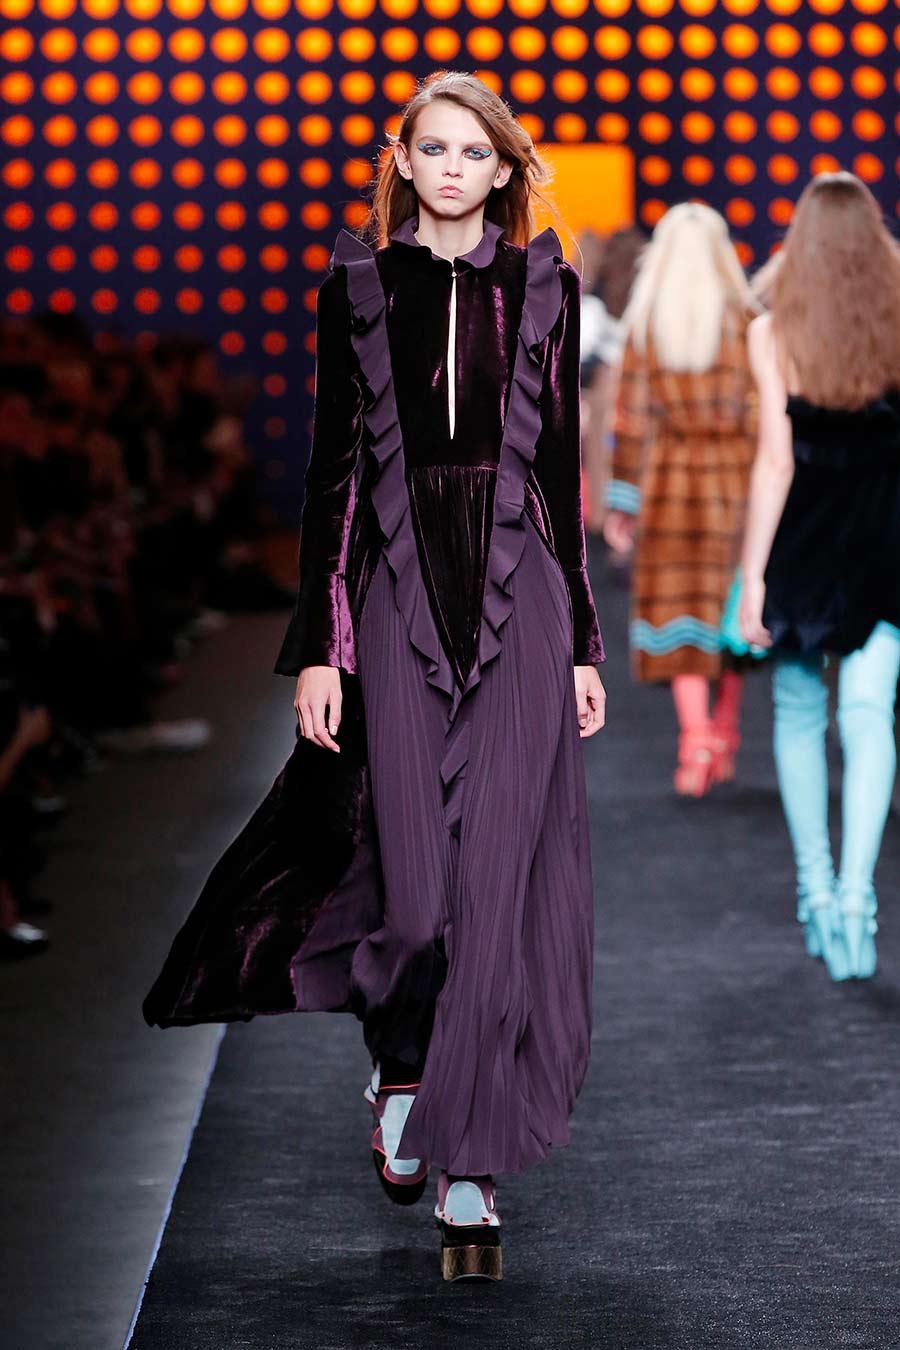 velluto - sfilata fendi donna - modella in passerella con abito bordeaux